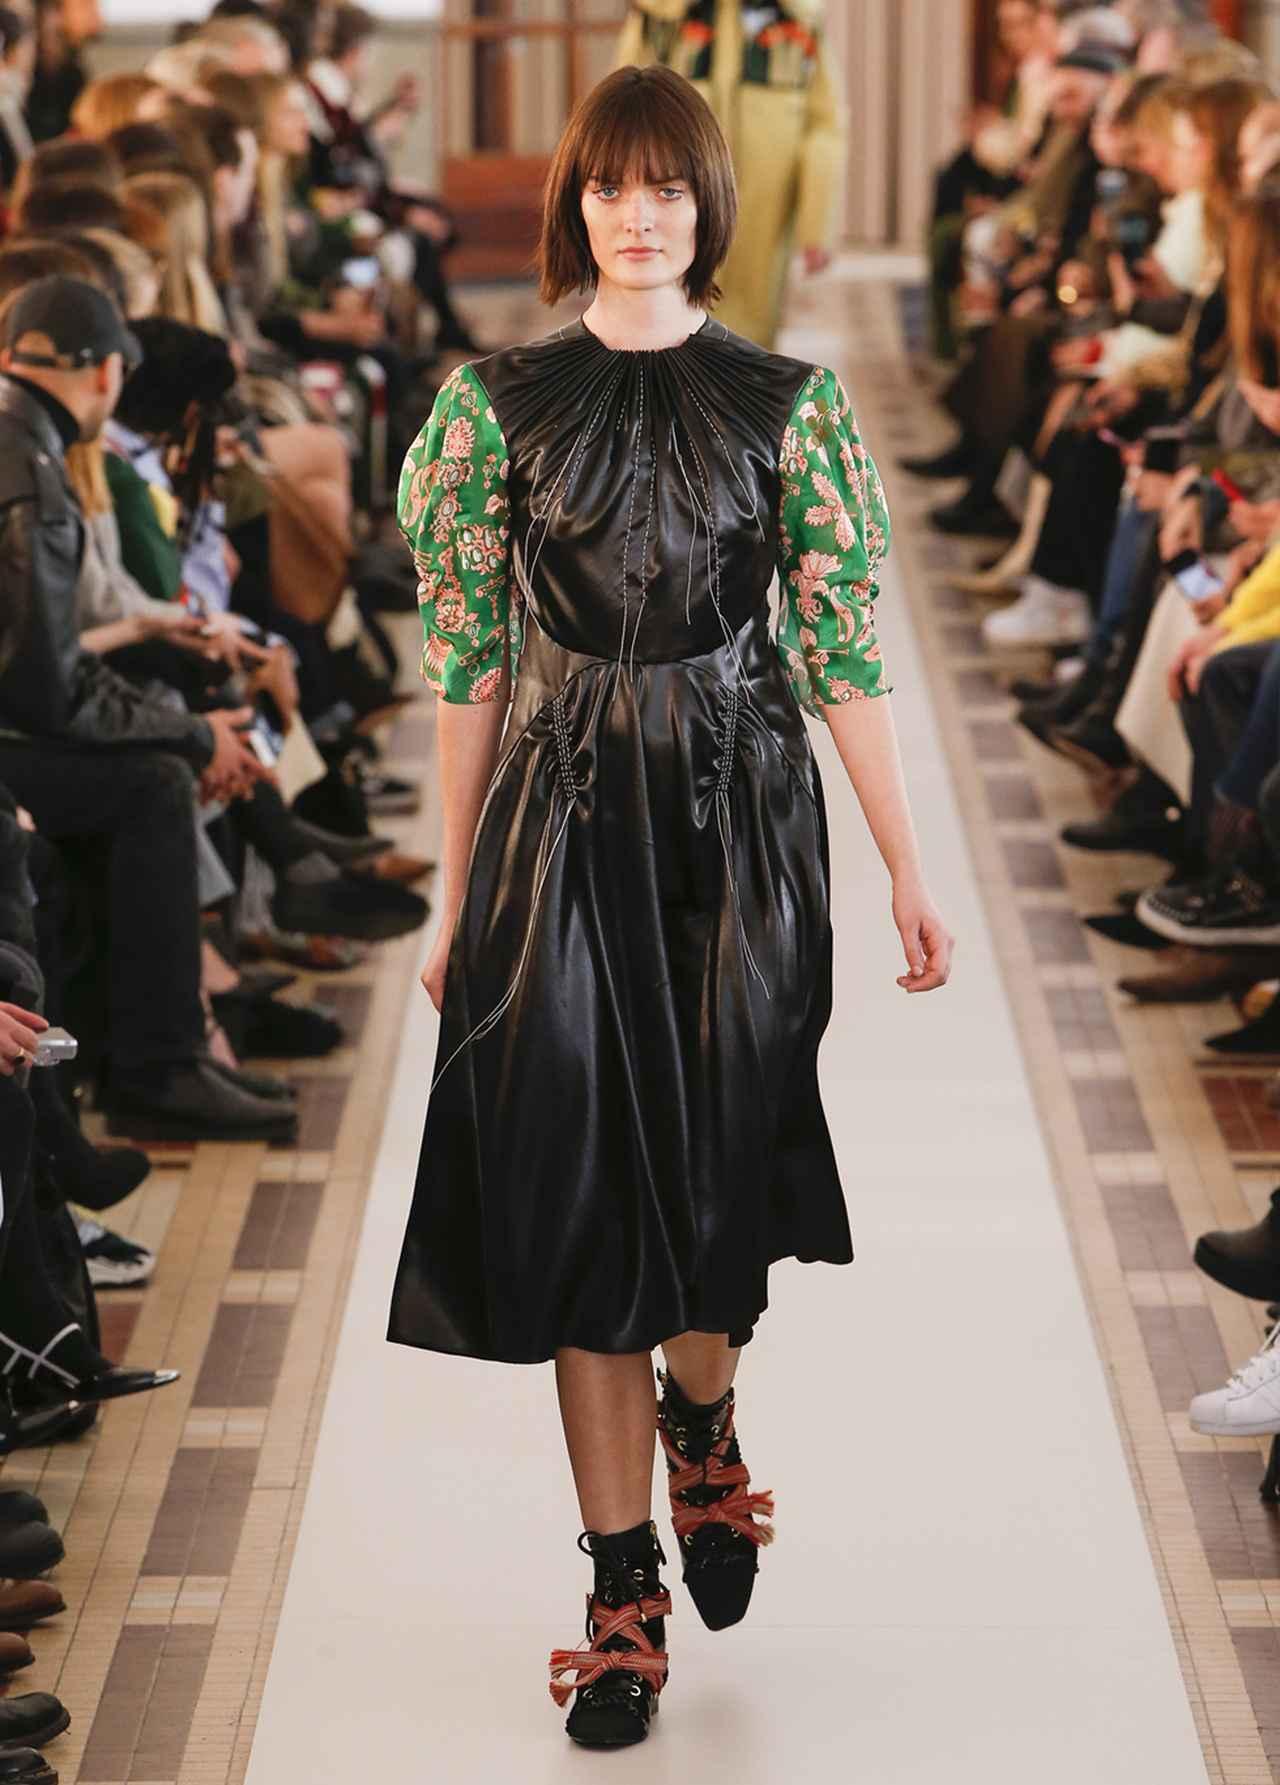 """Images : 4番目の画像 - 「アイディアは""""空想の旅""""から。 セルジュ・ルフューが描く 新しいカルヴェンの世界」のアルバム - T JAPAN:The New York Times Style Magazine 公式サイト"""